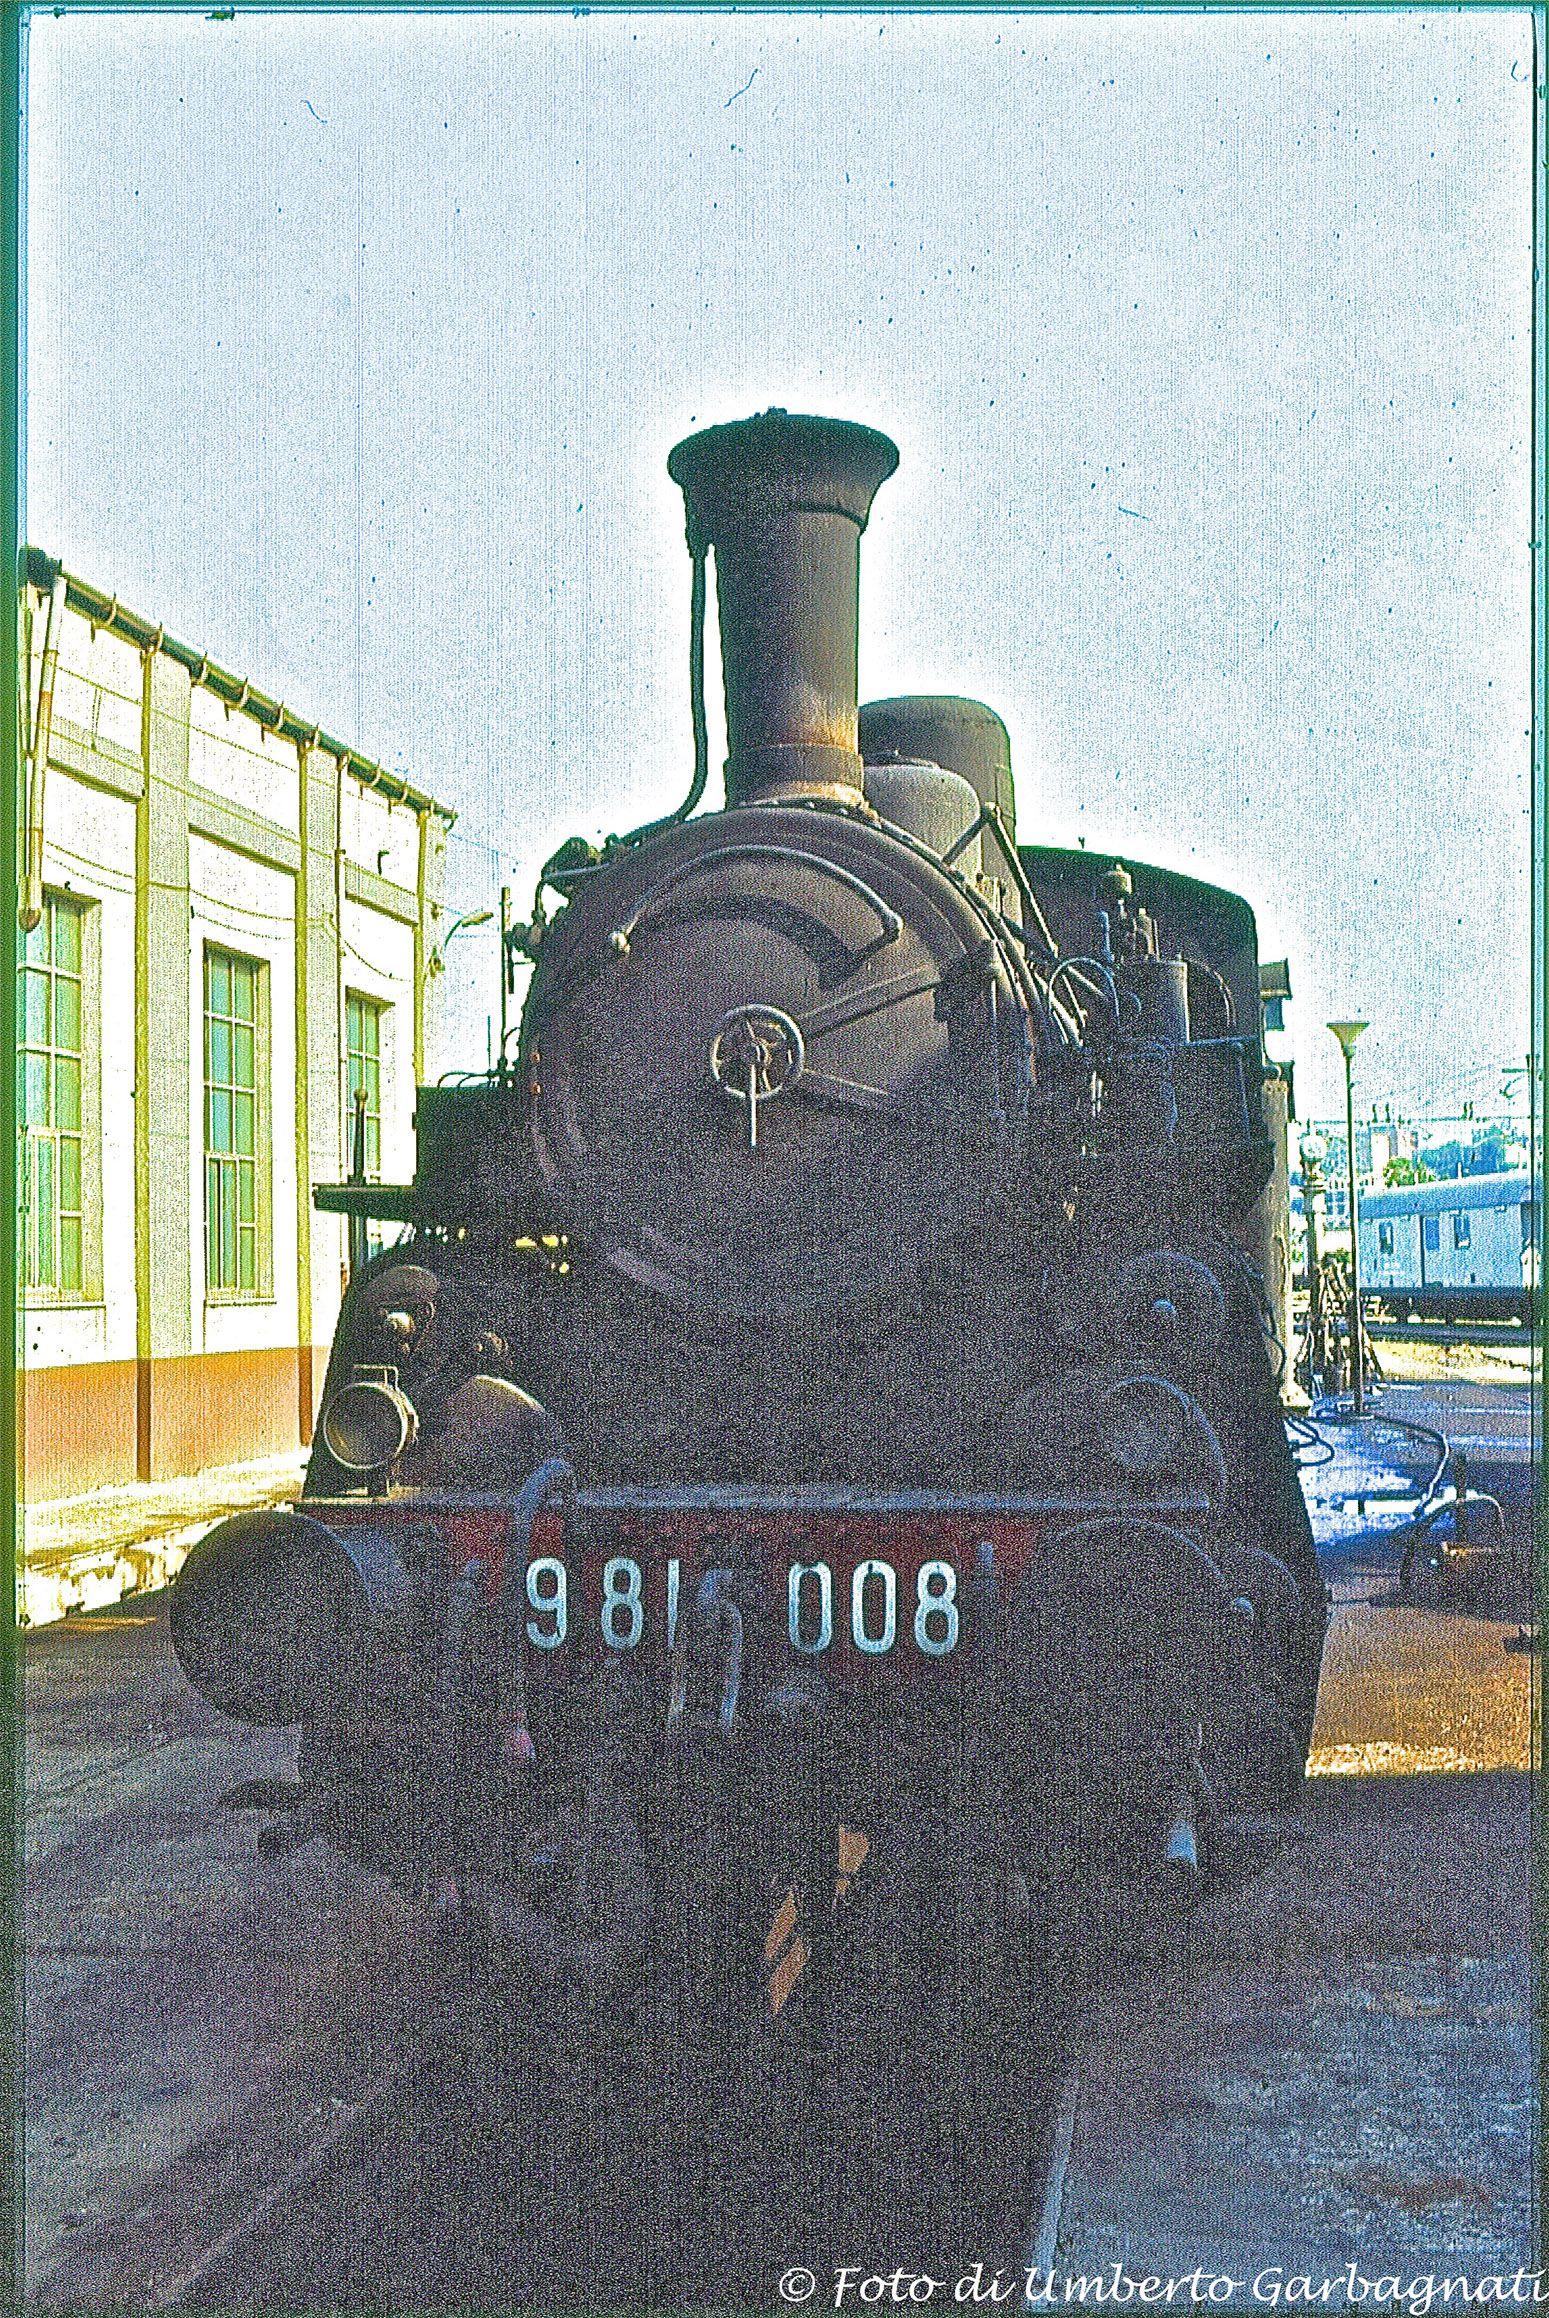 Locomotiva a vapore (a cremagliera per la ferrovia Paola-Cosenza) - FS-981.008 - deposito di Paola (I) - 13 lug 1983 - © Umberto Garbagnati -